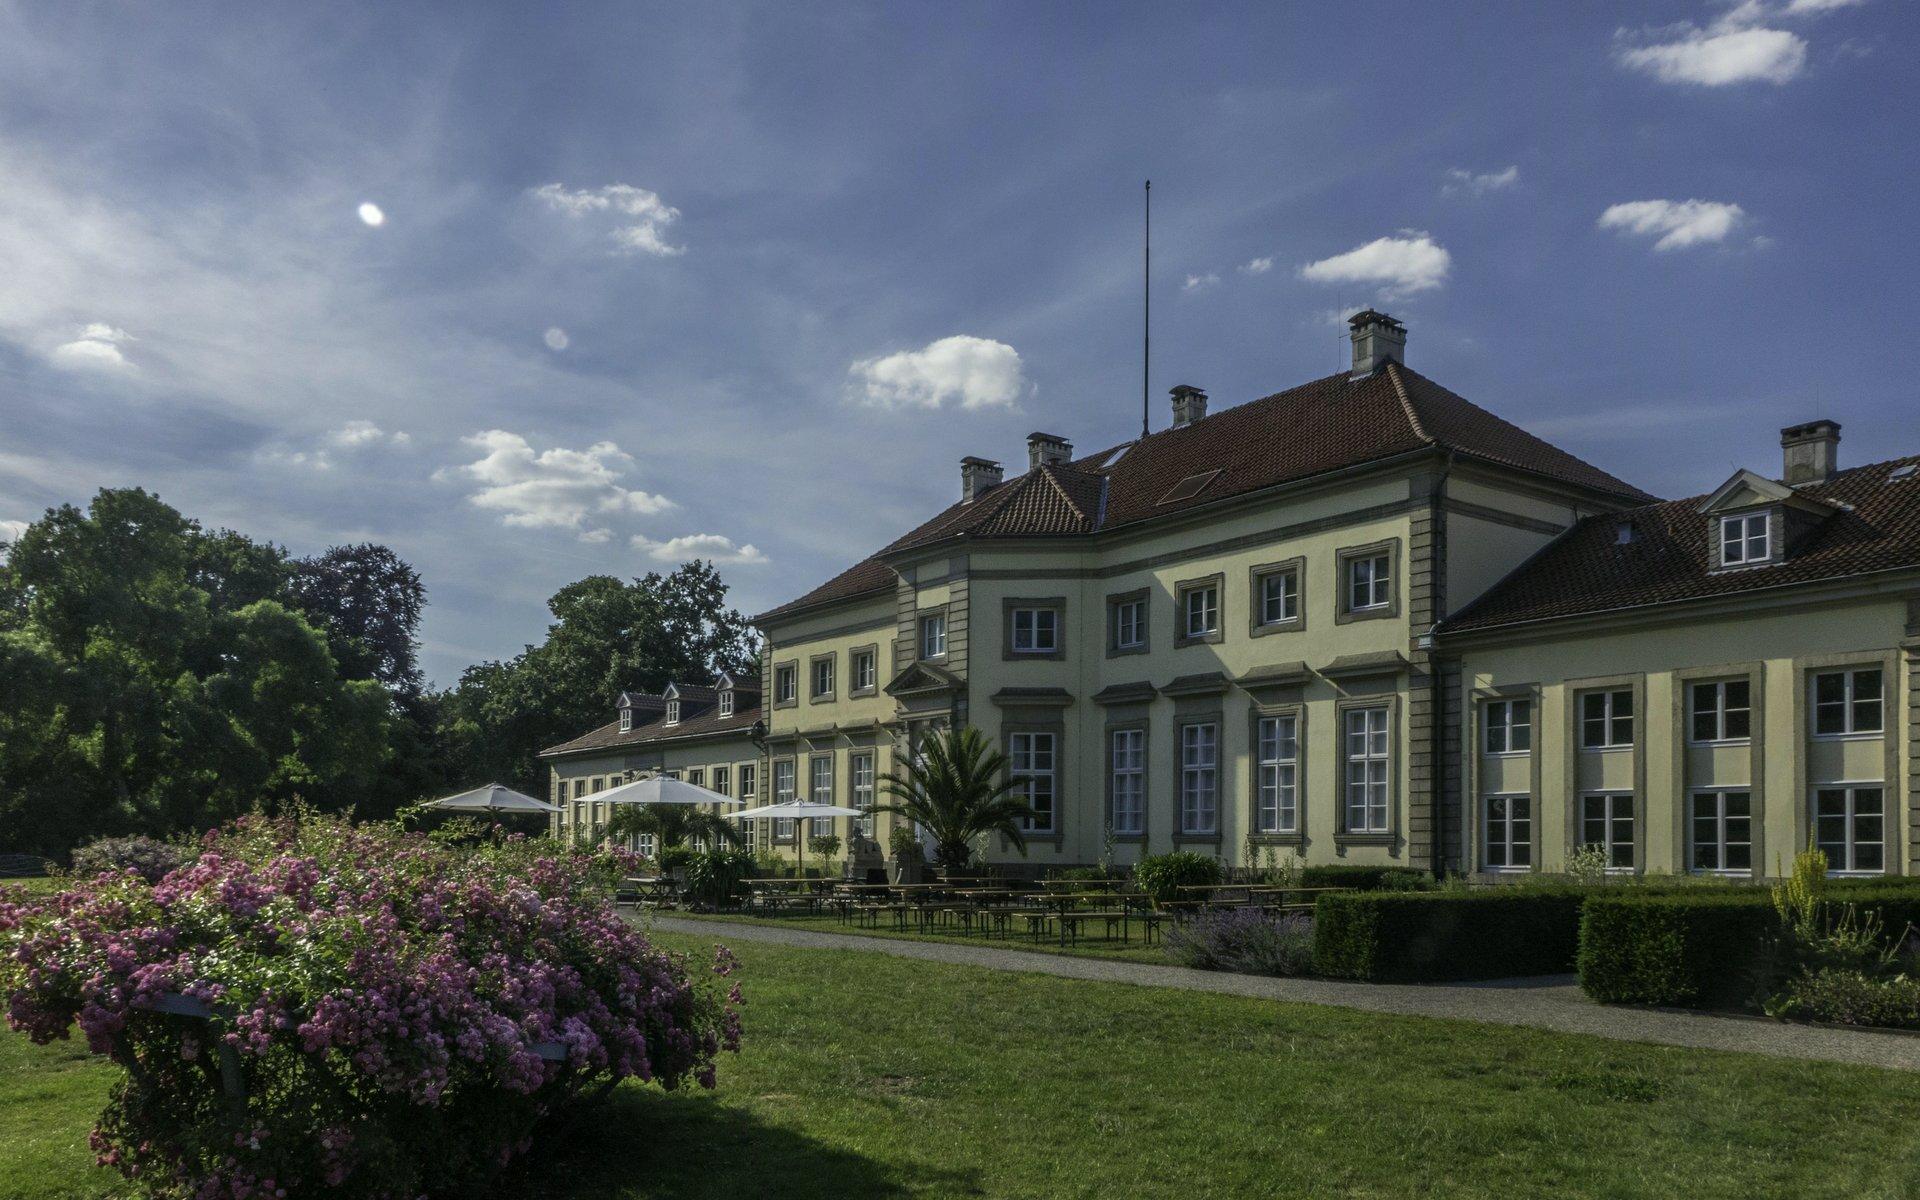 Wilhelm-Busch-Museum im Palaisgarten